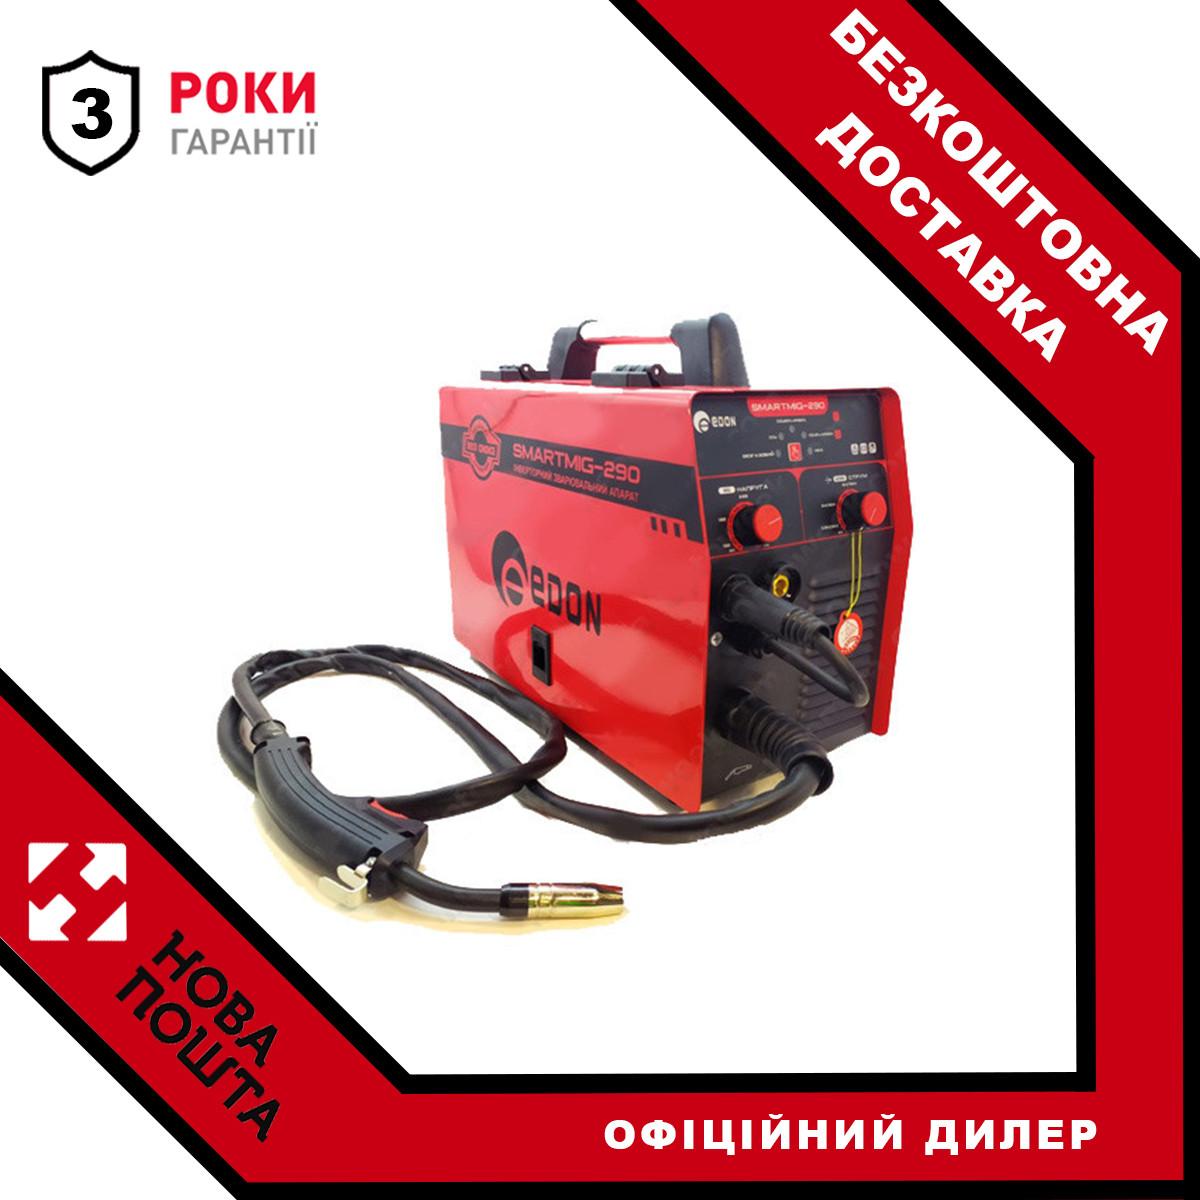 Зварювальний напівавтомат Edon SMARTMIG-290